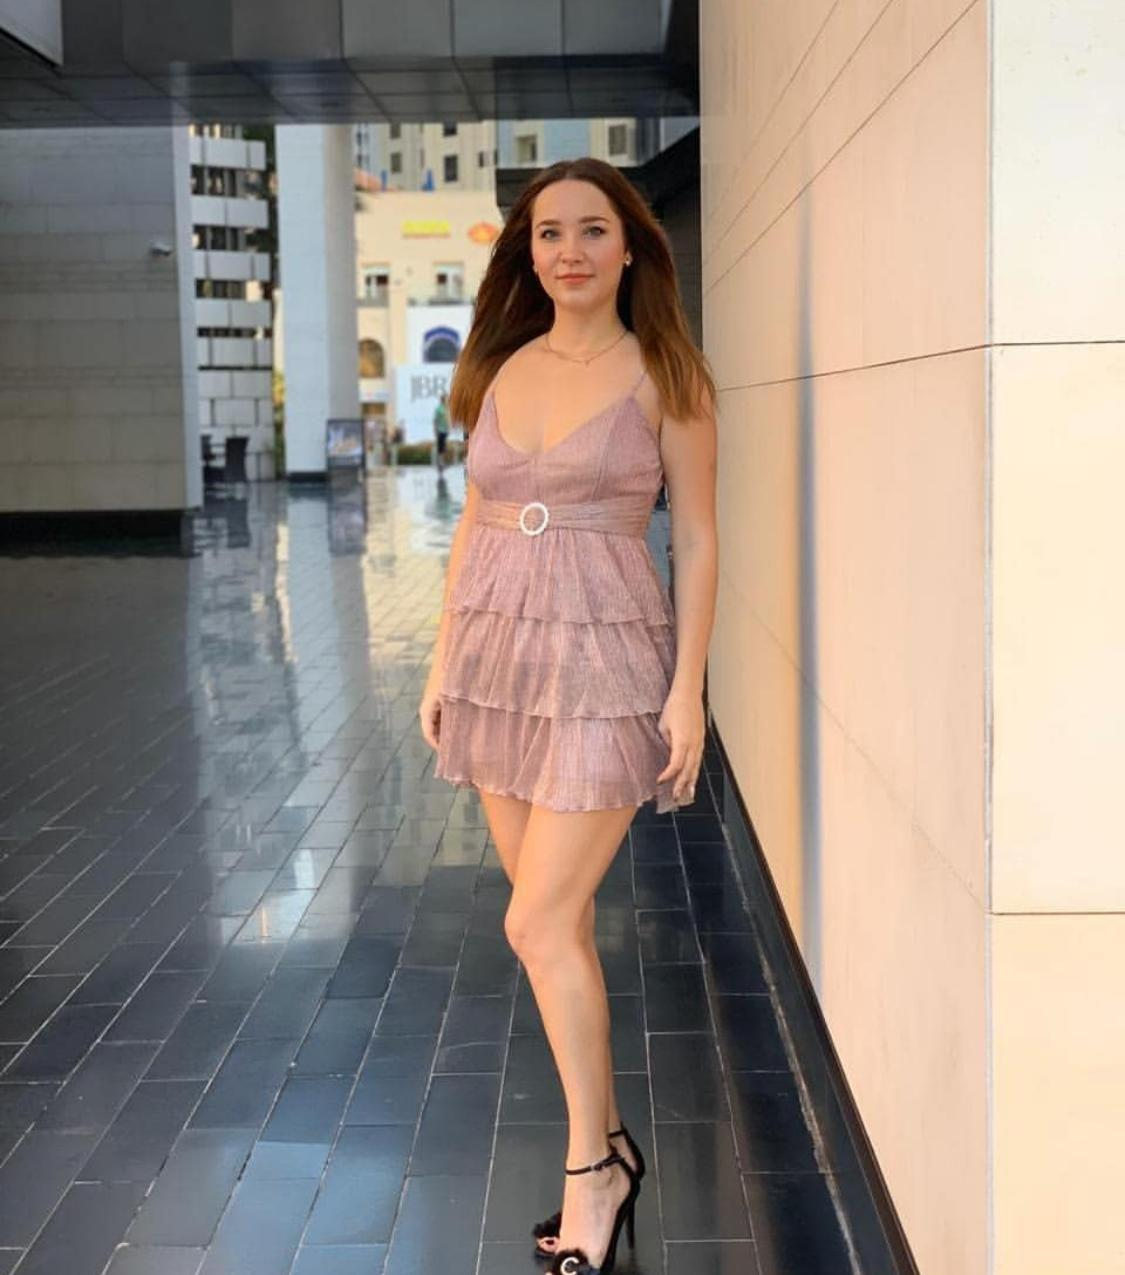 Luxury  girl?s=qyoaaompwvibcwgsbxtmbnoqqwau0+db990w8ywxrei=